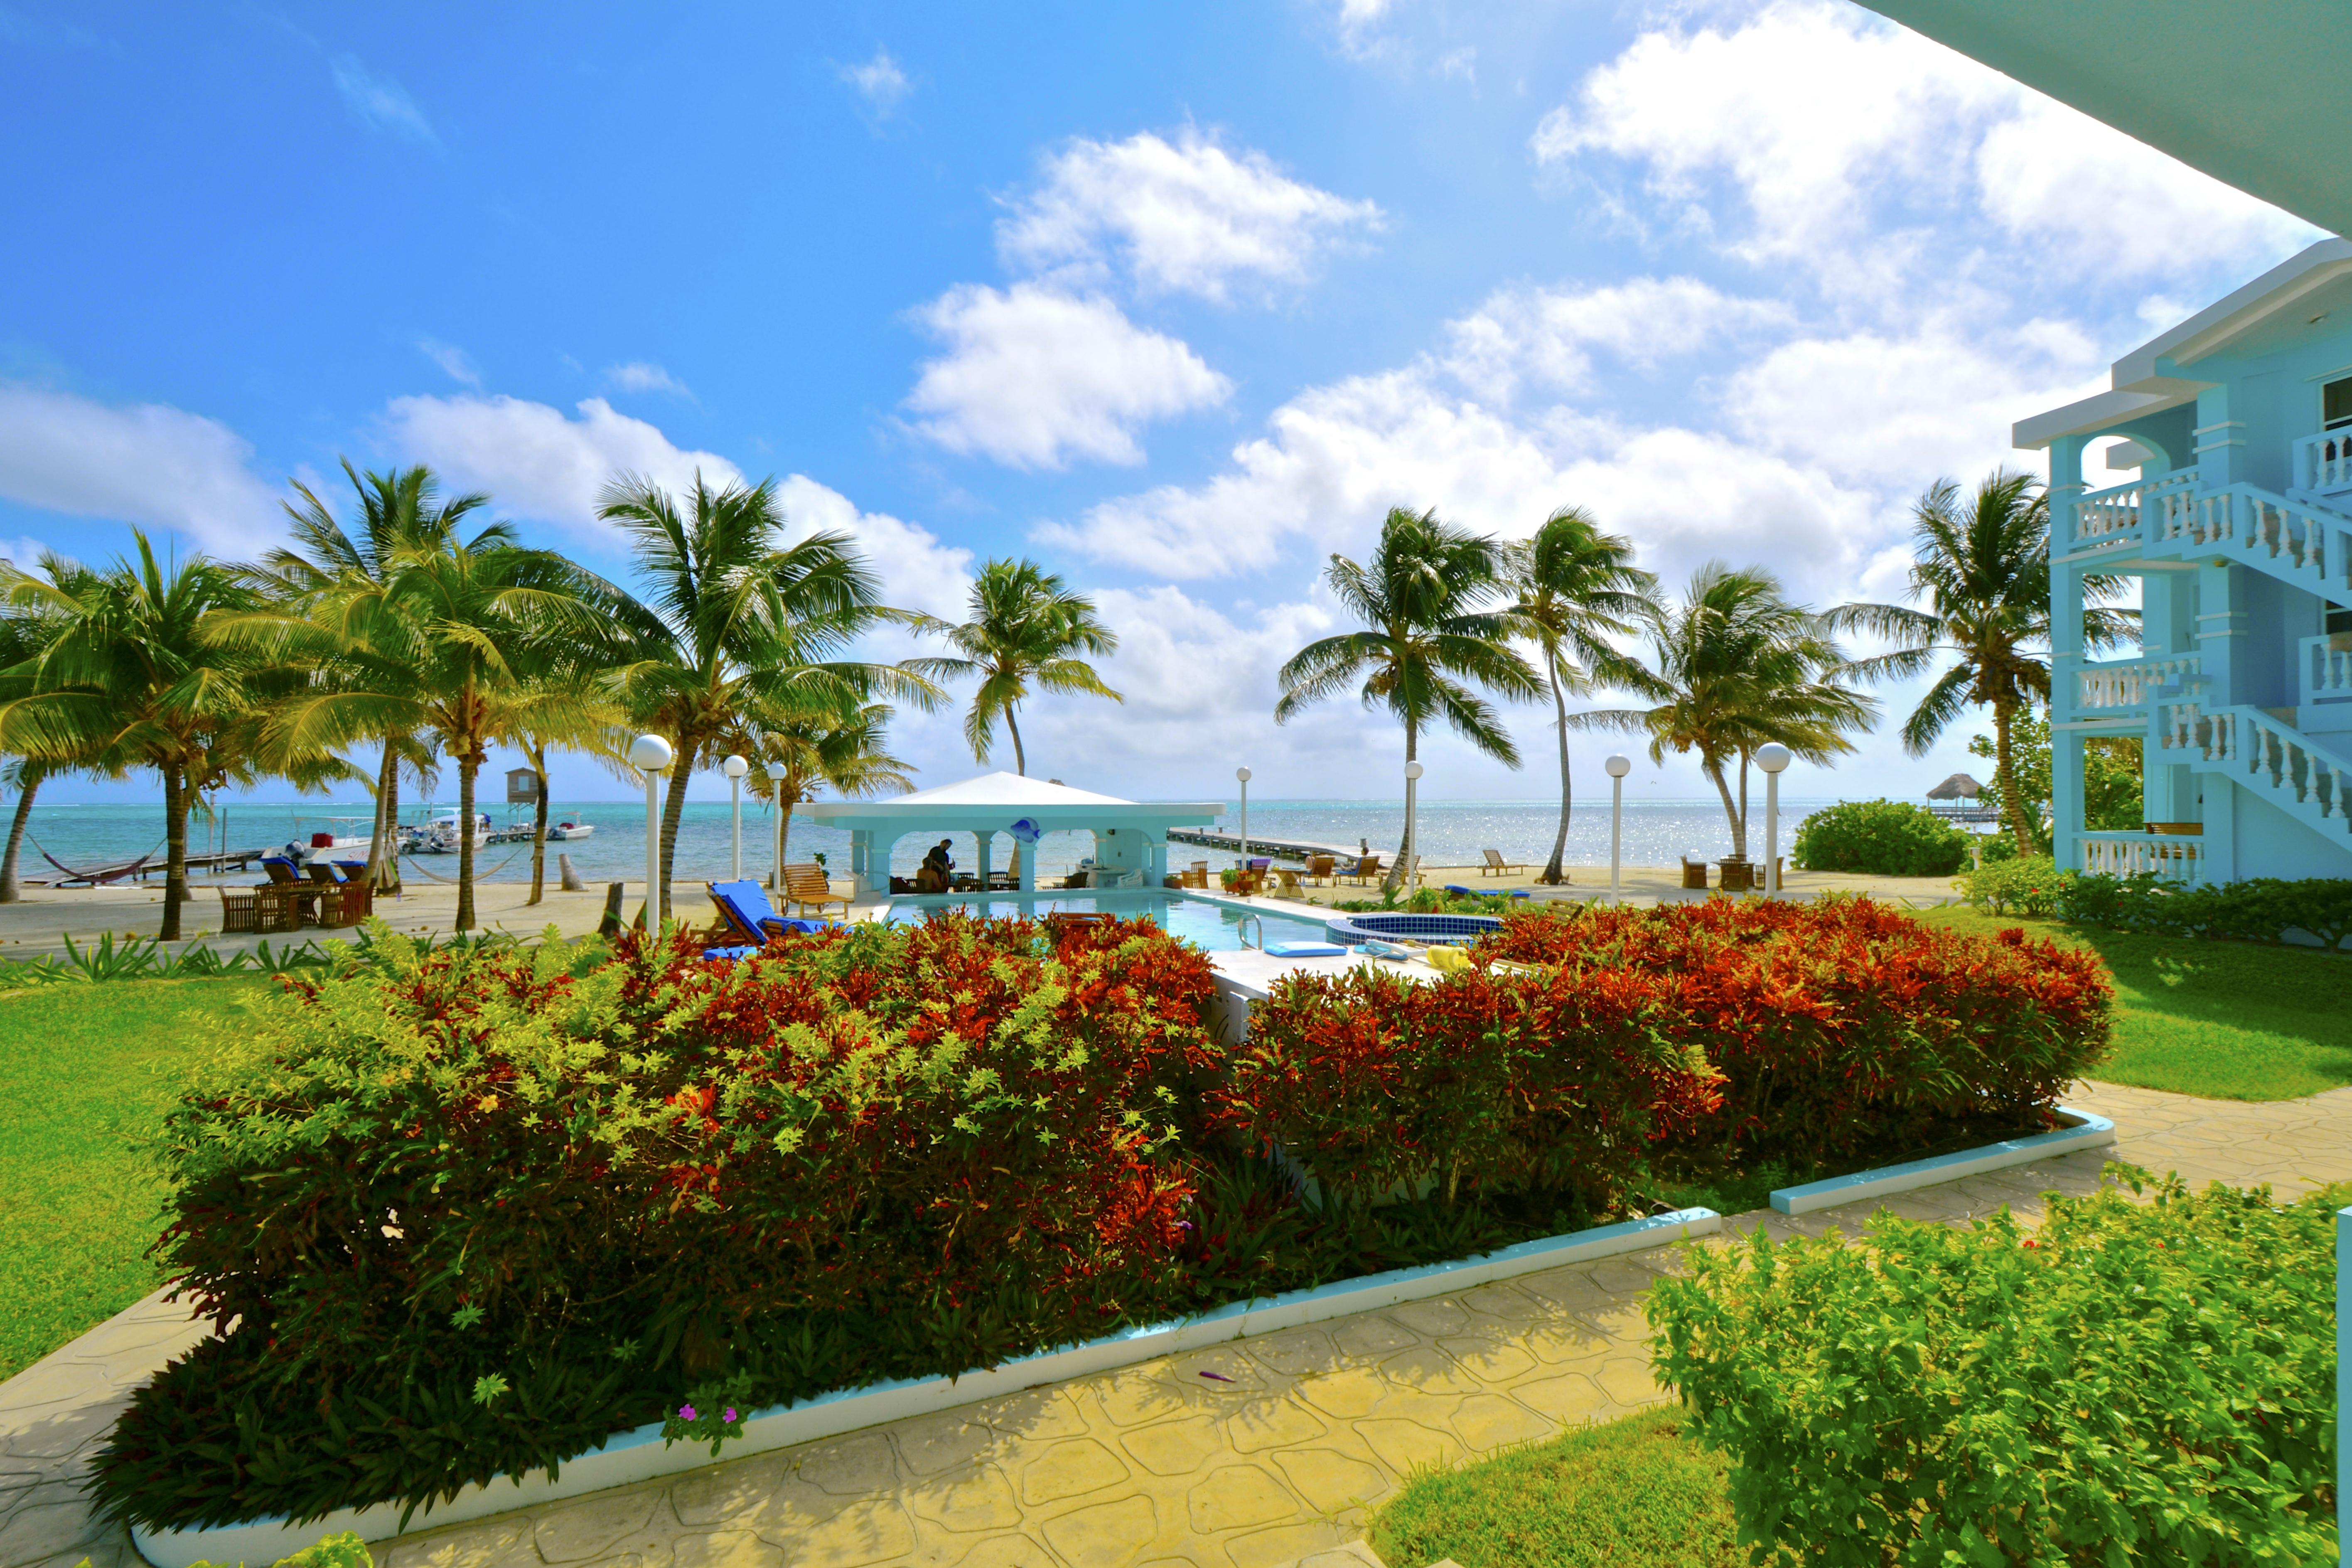 # A3 Sunset Beach Resort